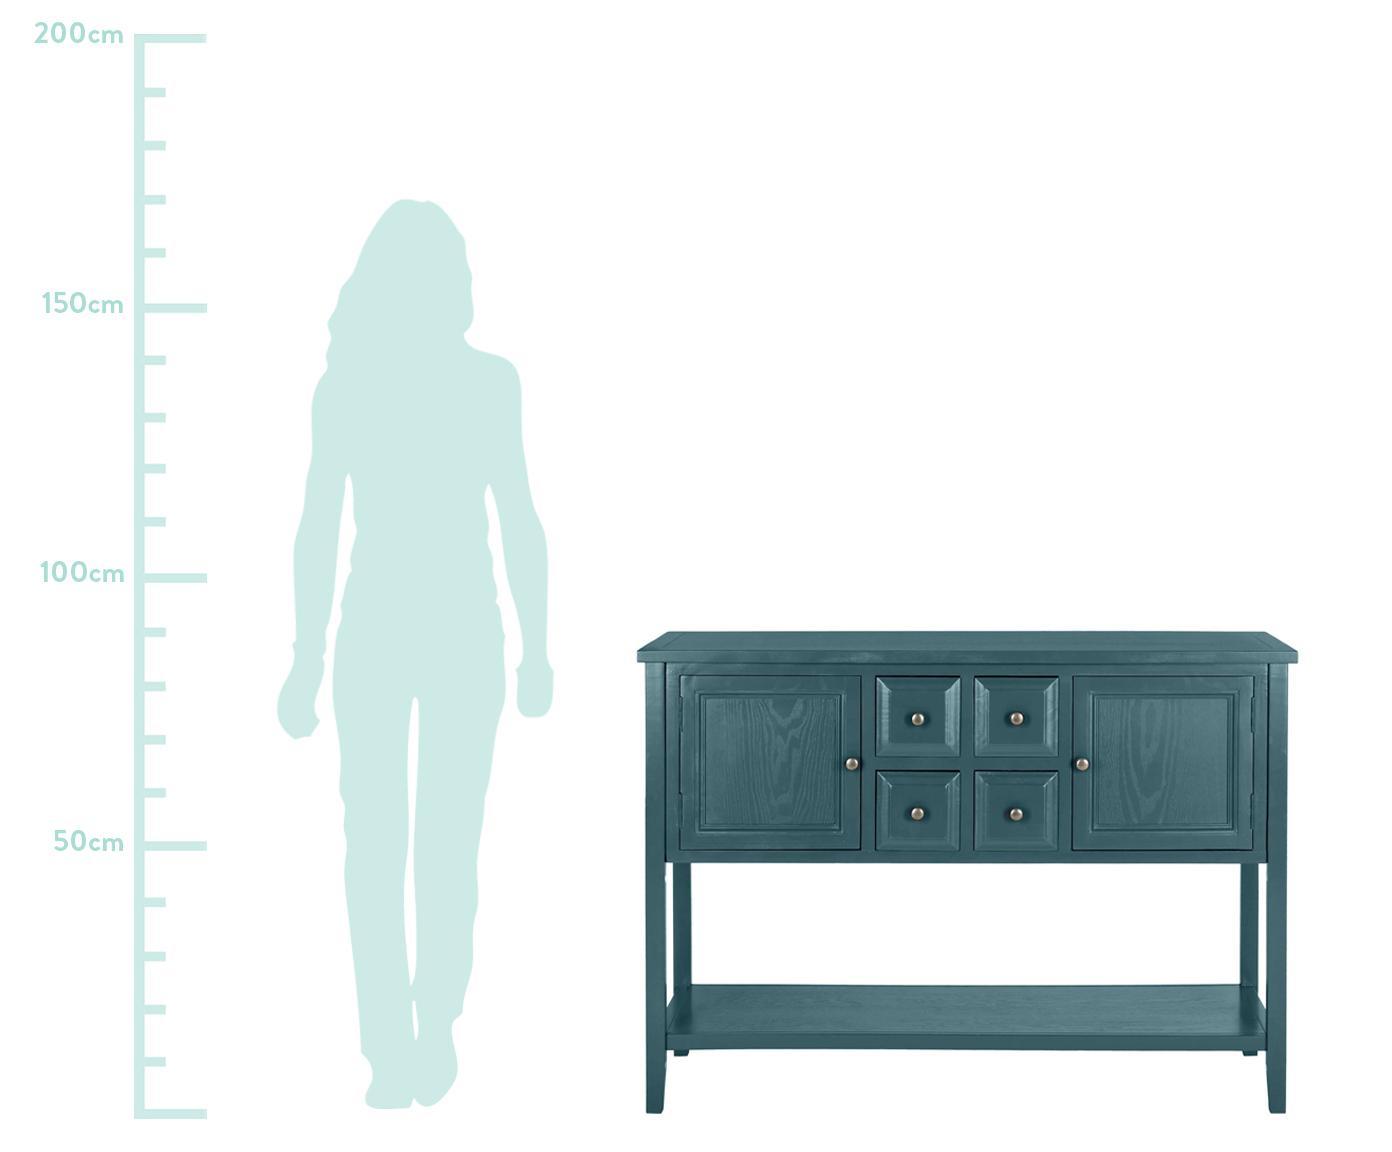 Dressoir Amy in landelijke stijl, Frame: olmenhout, gelakt grenenh, Petrolkleurig, 116 x 86 cm